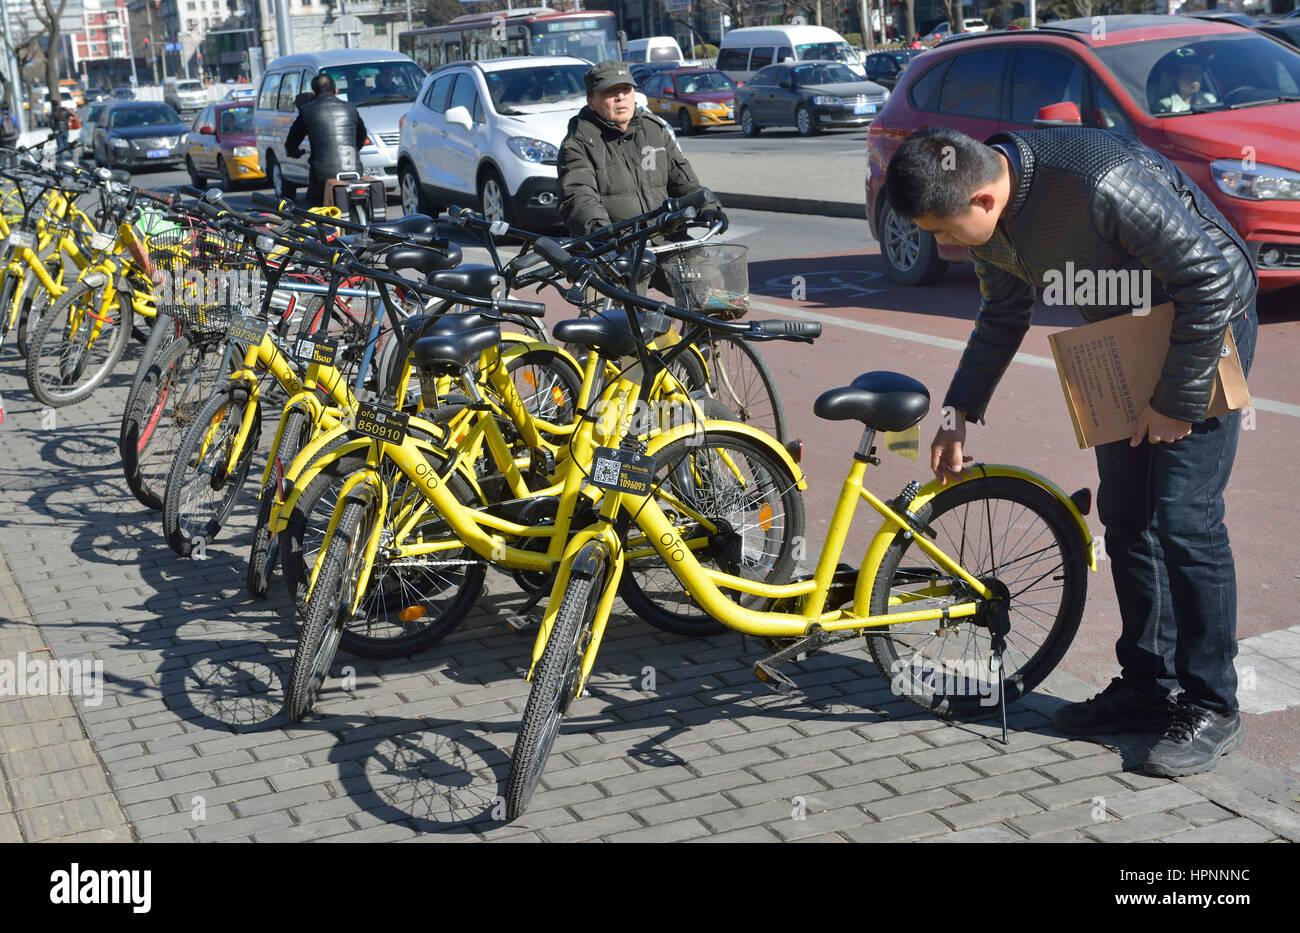 L'homme utilise l'application de partage de vélo Ofo pour louer un vélo à Beijing, Chine. Photo Stock